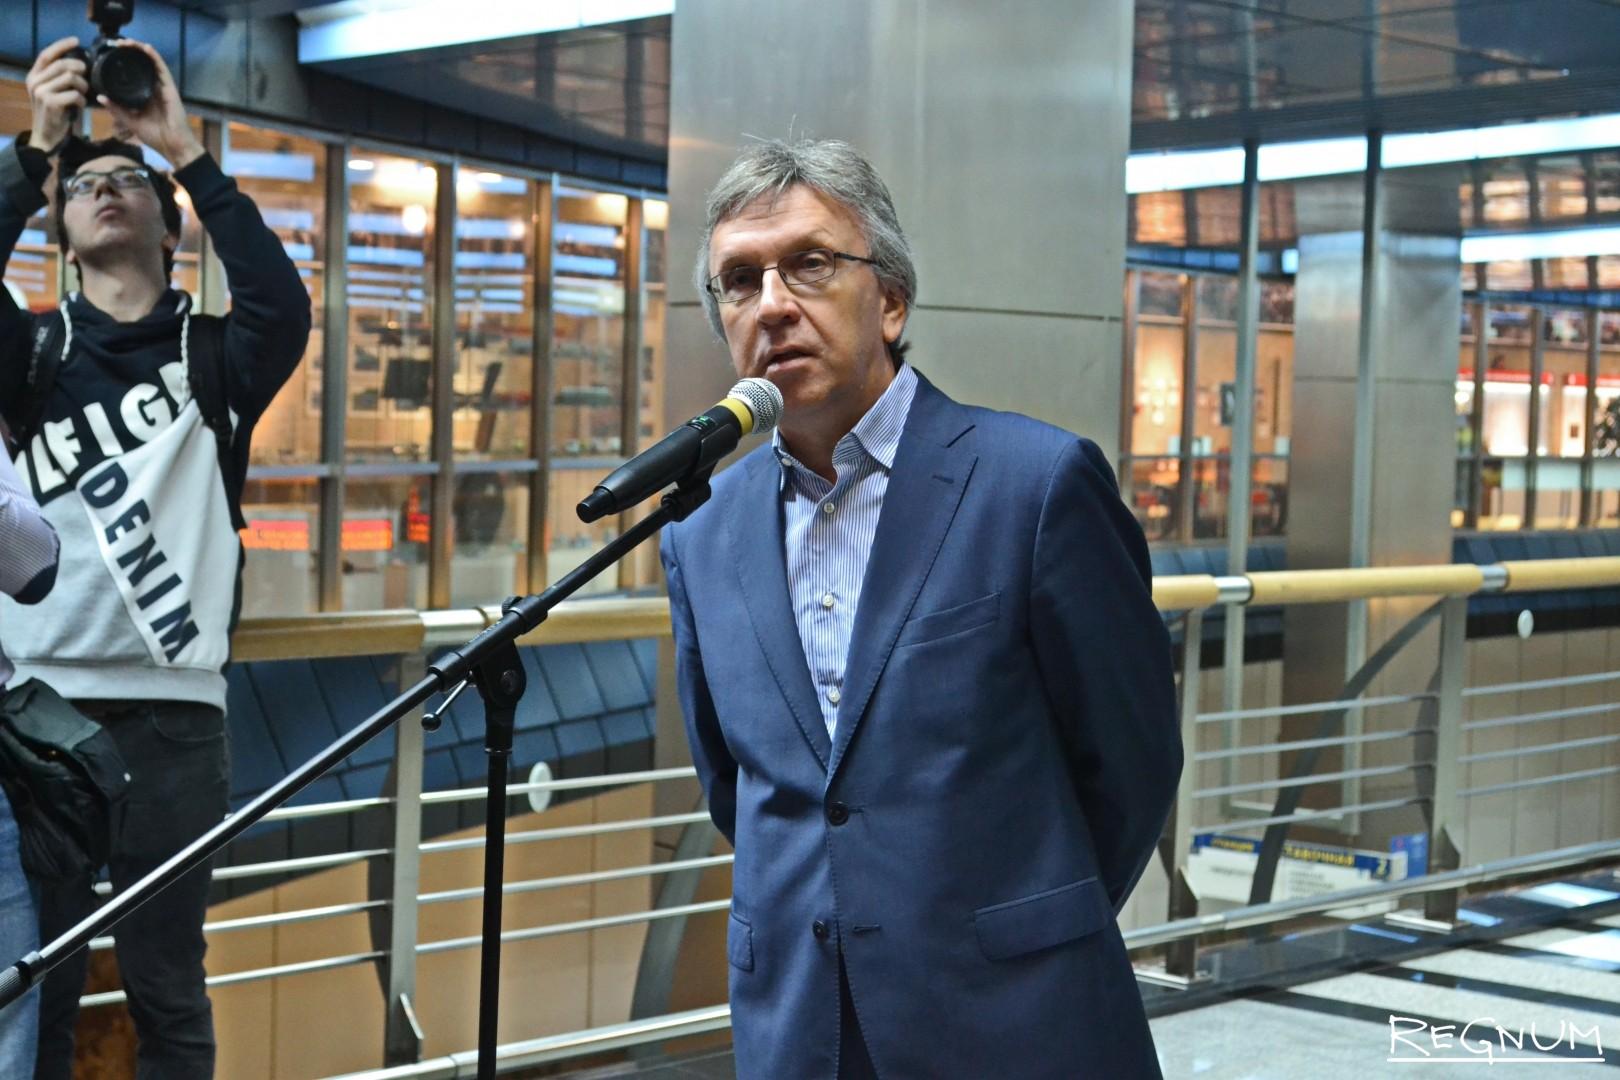 Заместитель Генерального директора ИТАР-ТАСС Александр Копнов завершил выступления пожеланиями молодым фотографам и выразил надежду, что такие проекты действительно смогут изменить имидж Северного Кавказа